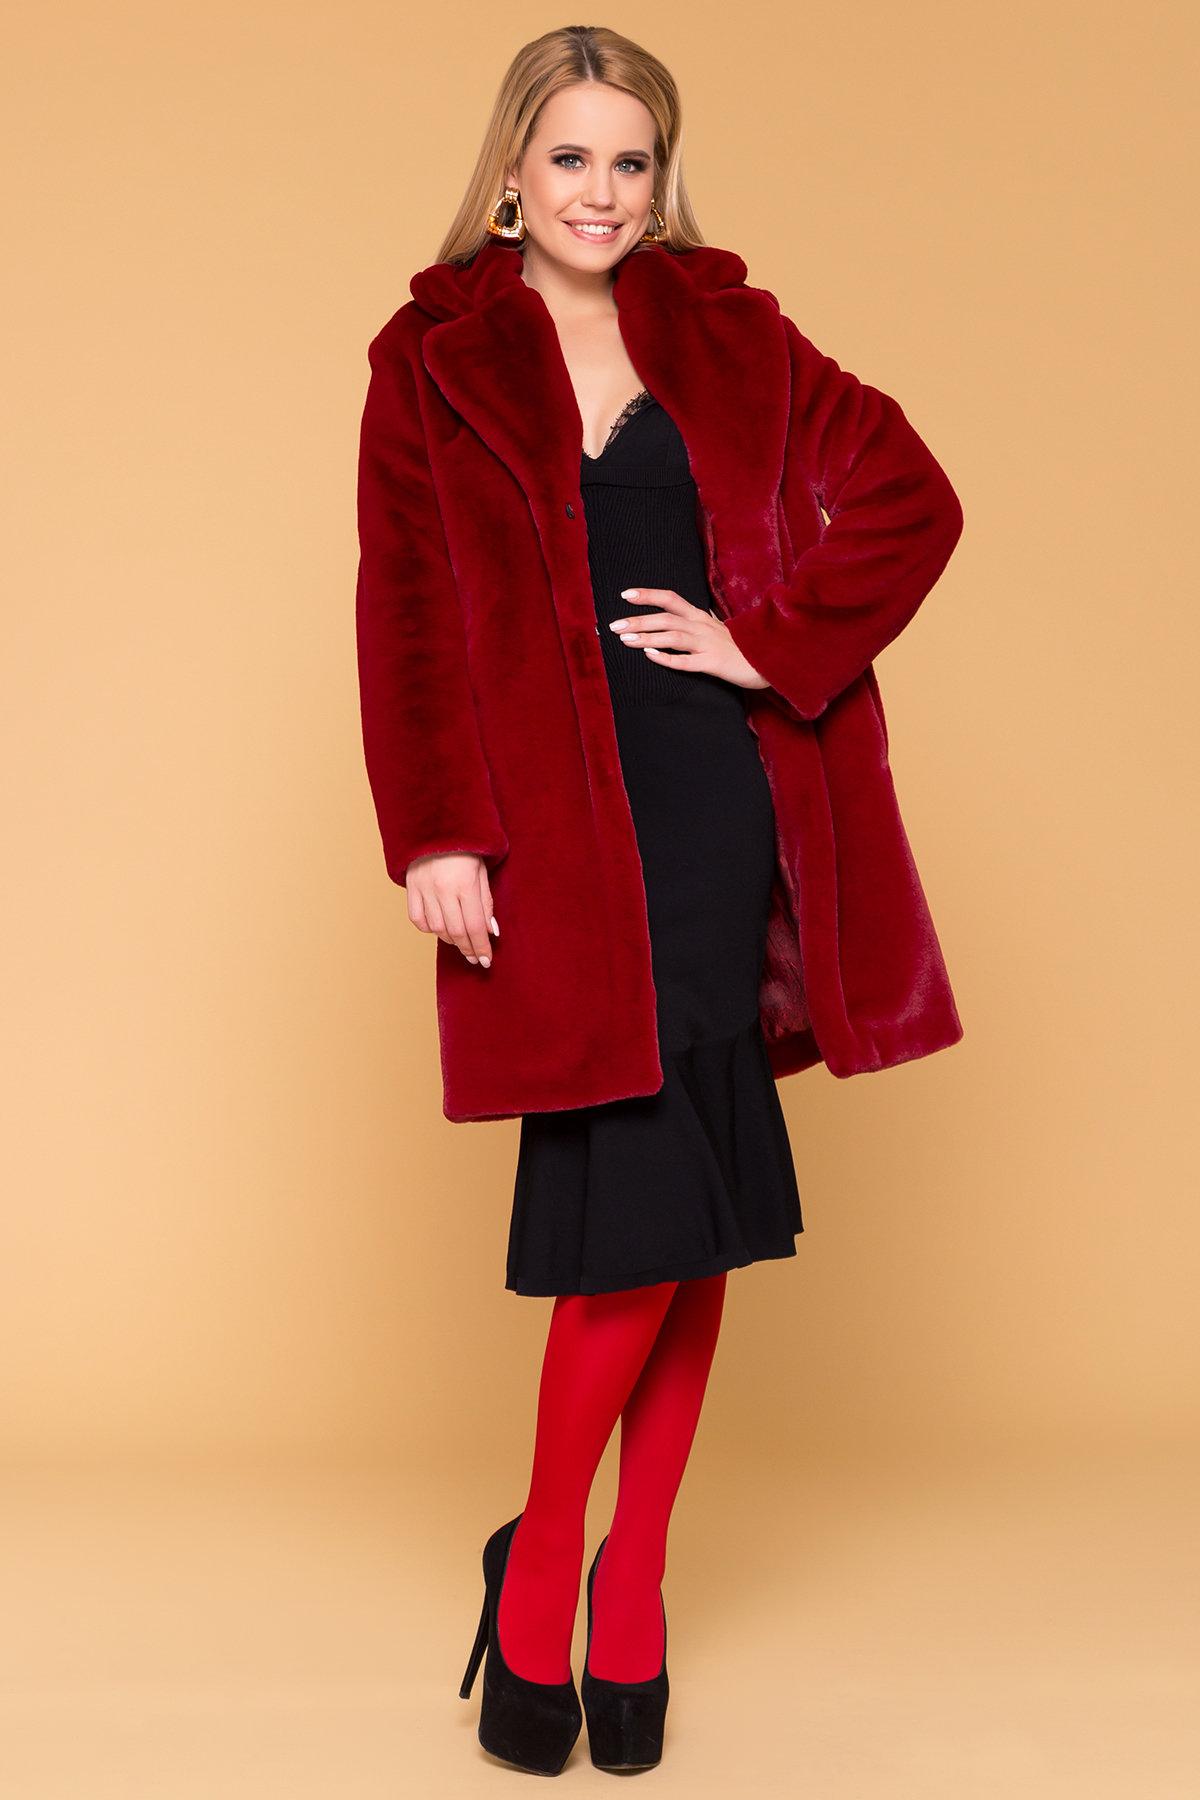 Эко шуба красного цвета Субира 4287 АРТ. 20758 Цвет: Марсала - фото 3, интернет магазин tm-modus.ru